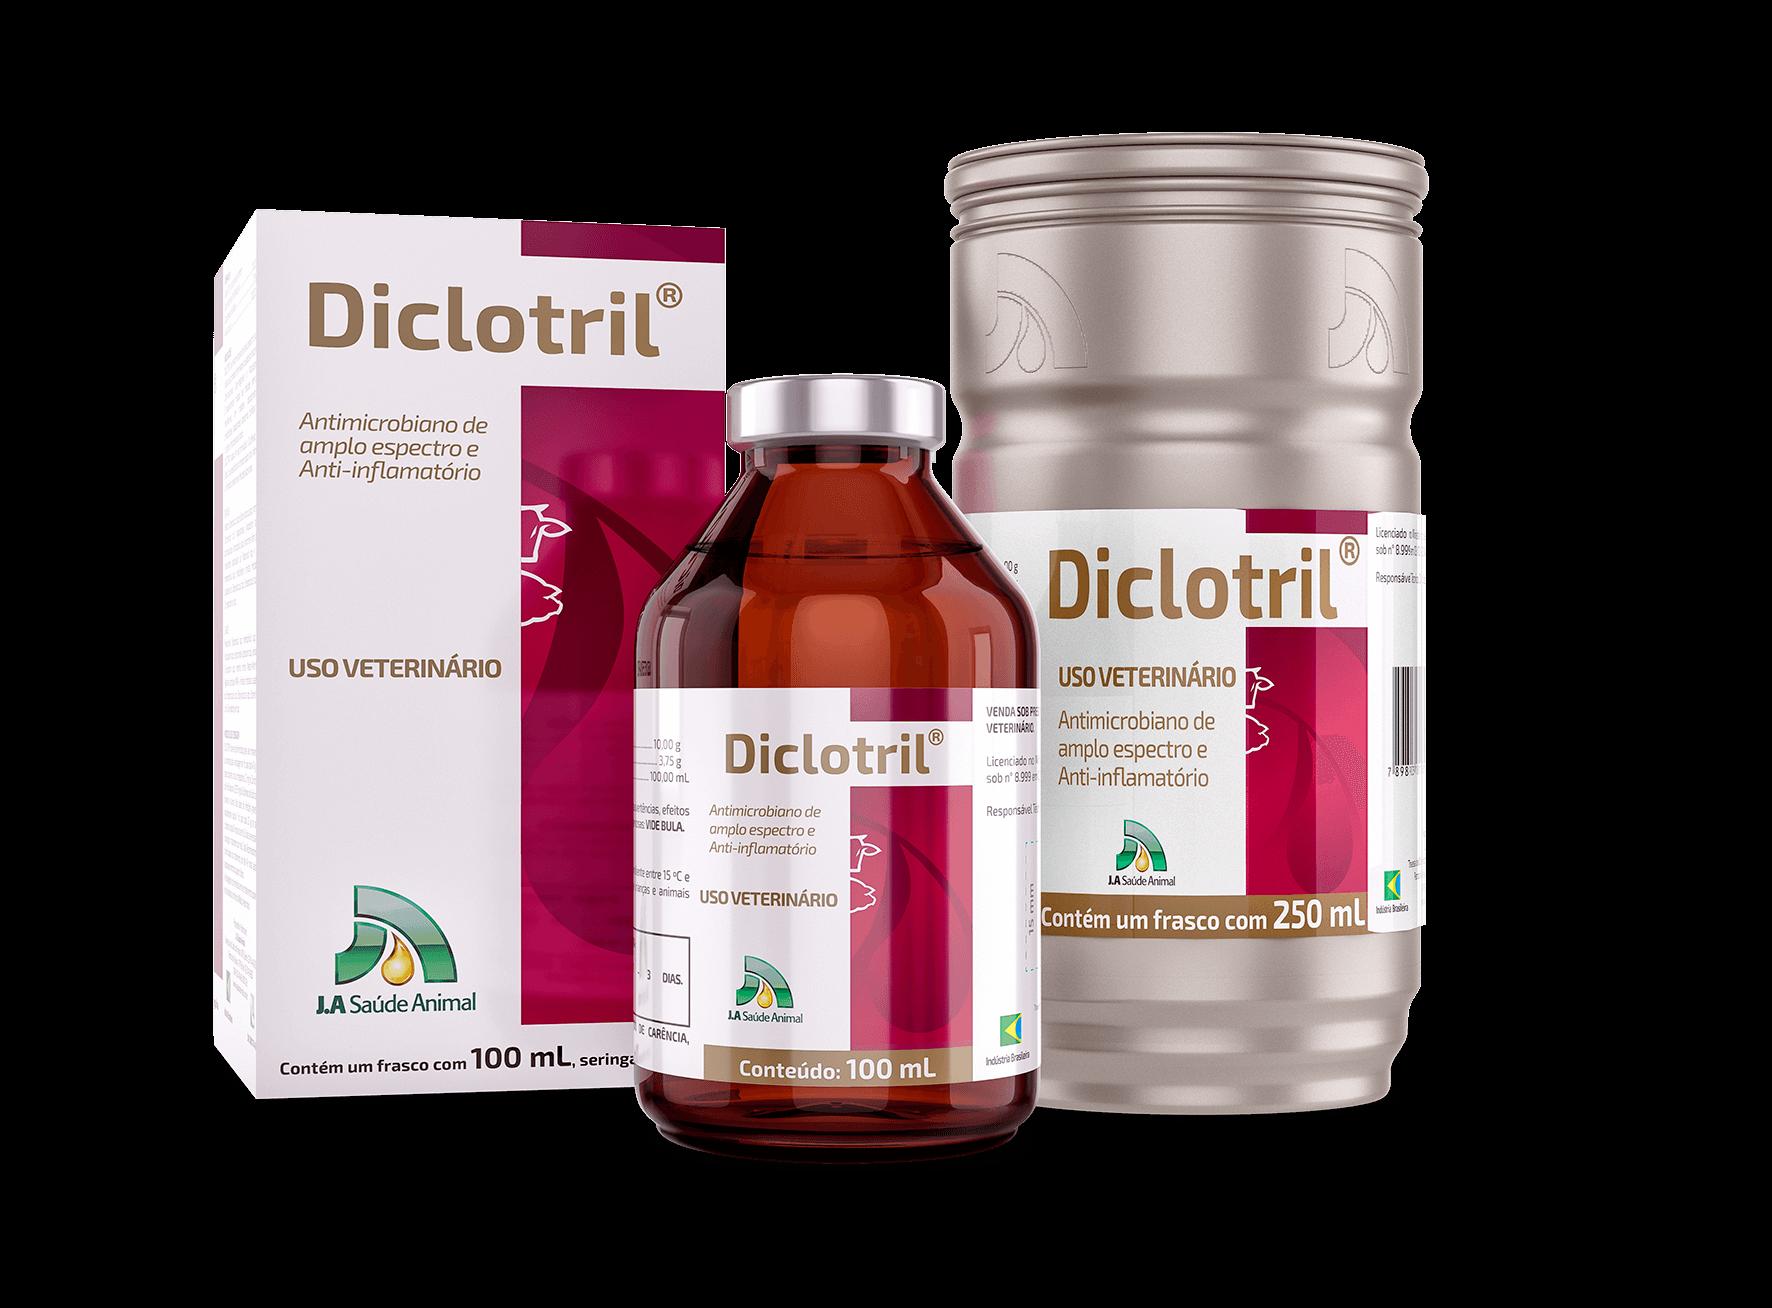 Diclotril®